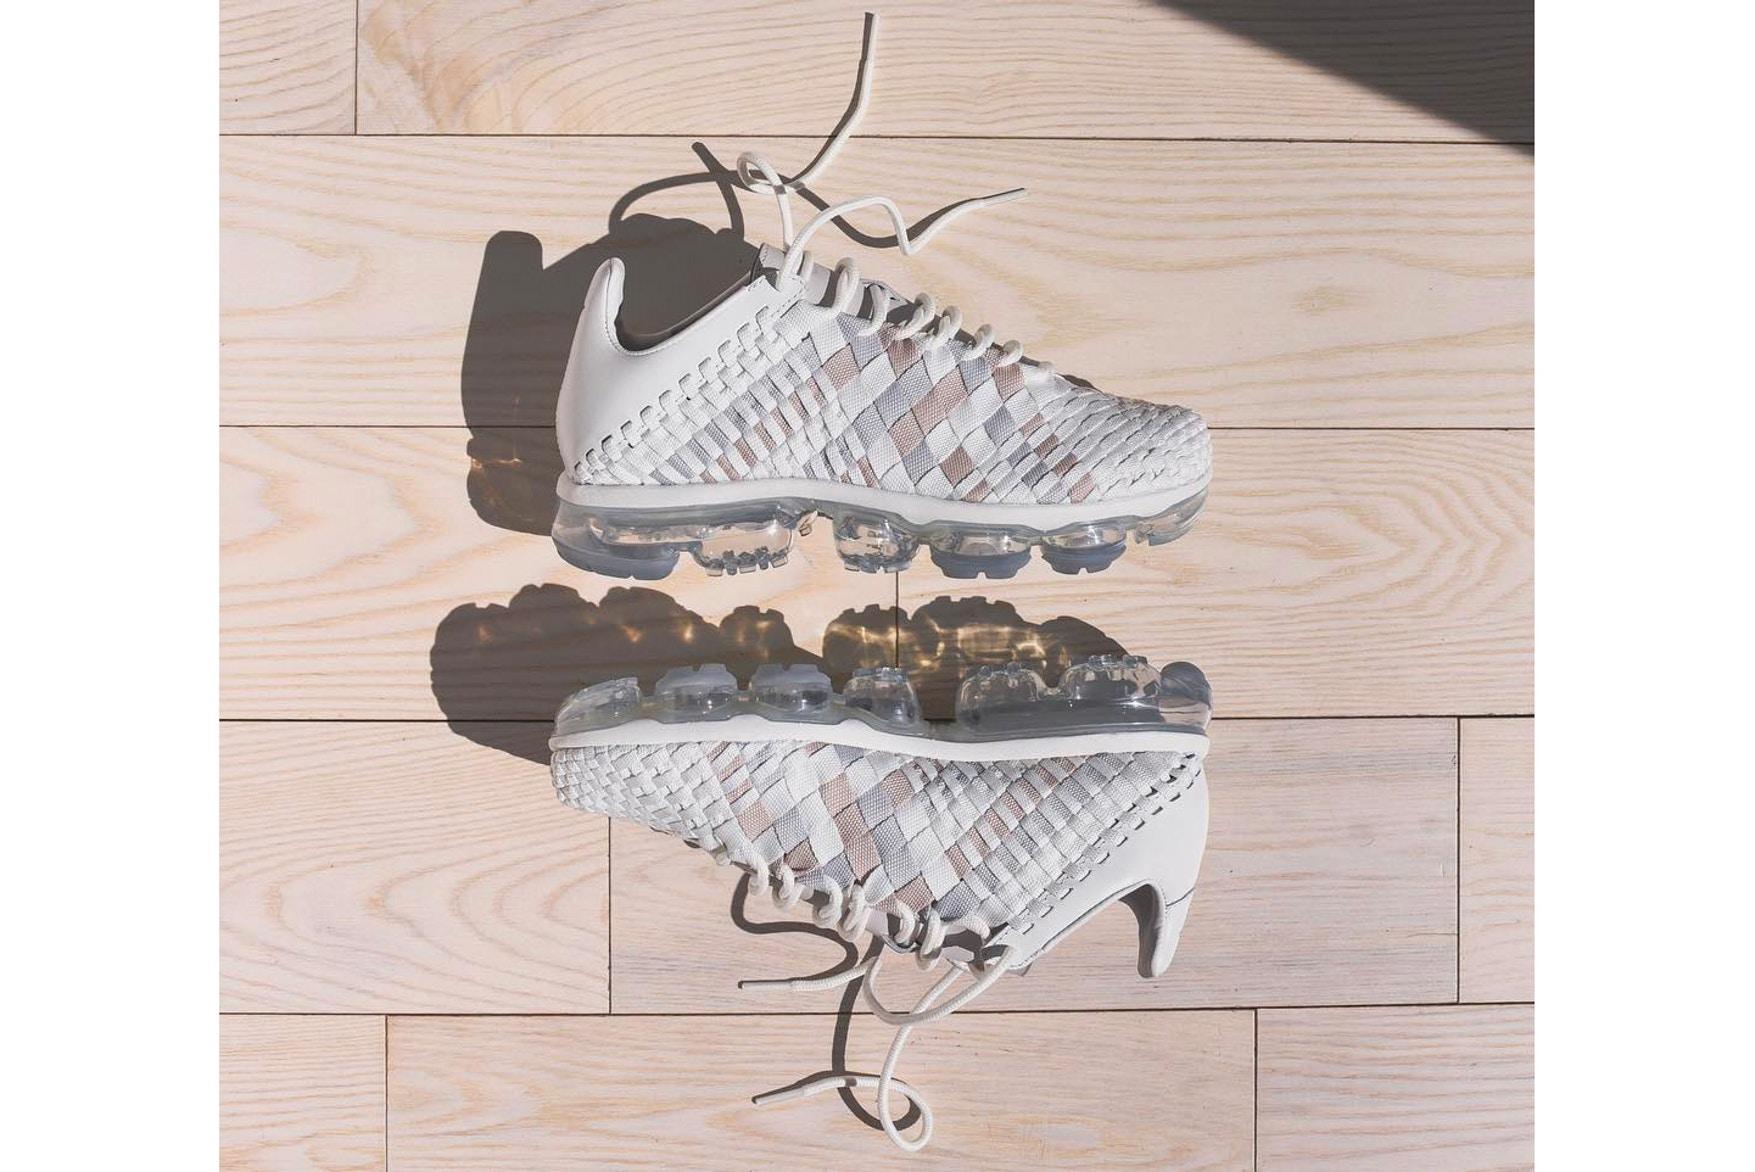 b80a95a9 sneakers archivos – Página 6 de 8 – WAG1 MAGAZINE